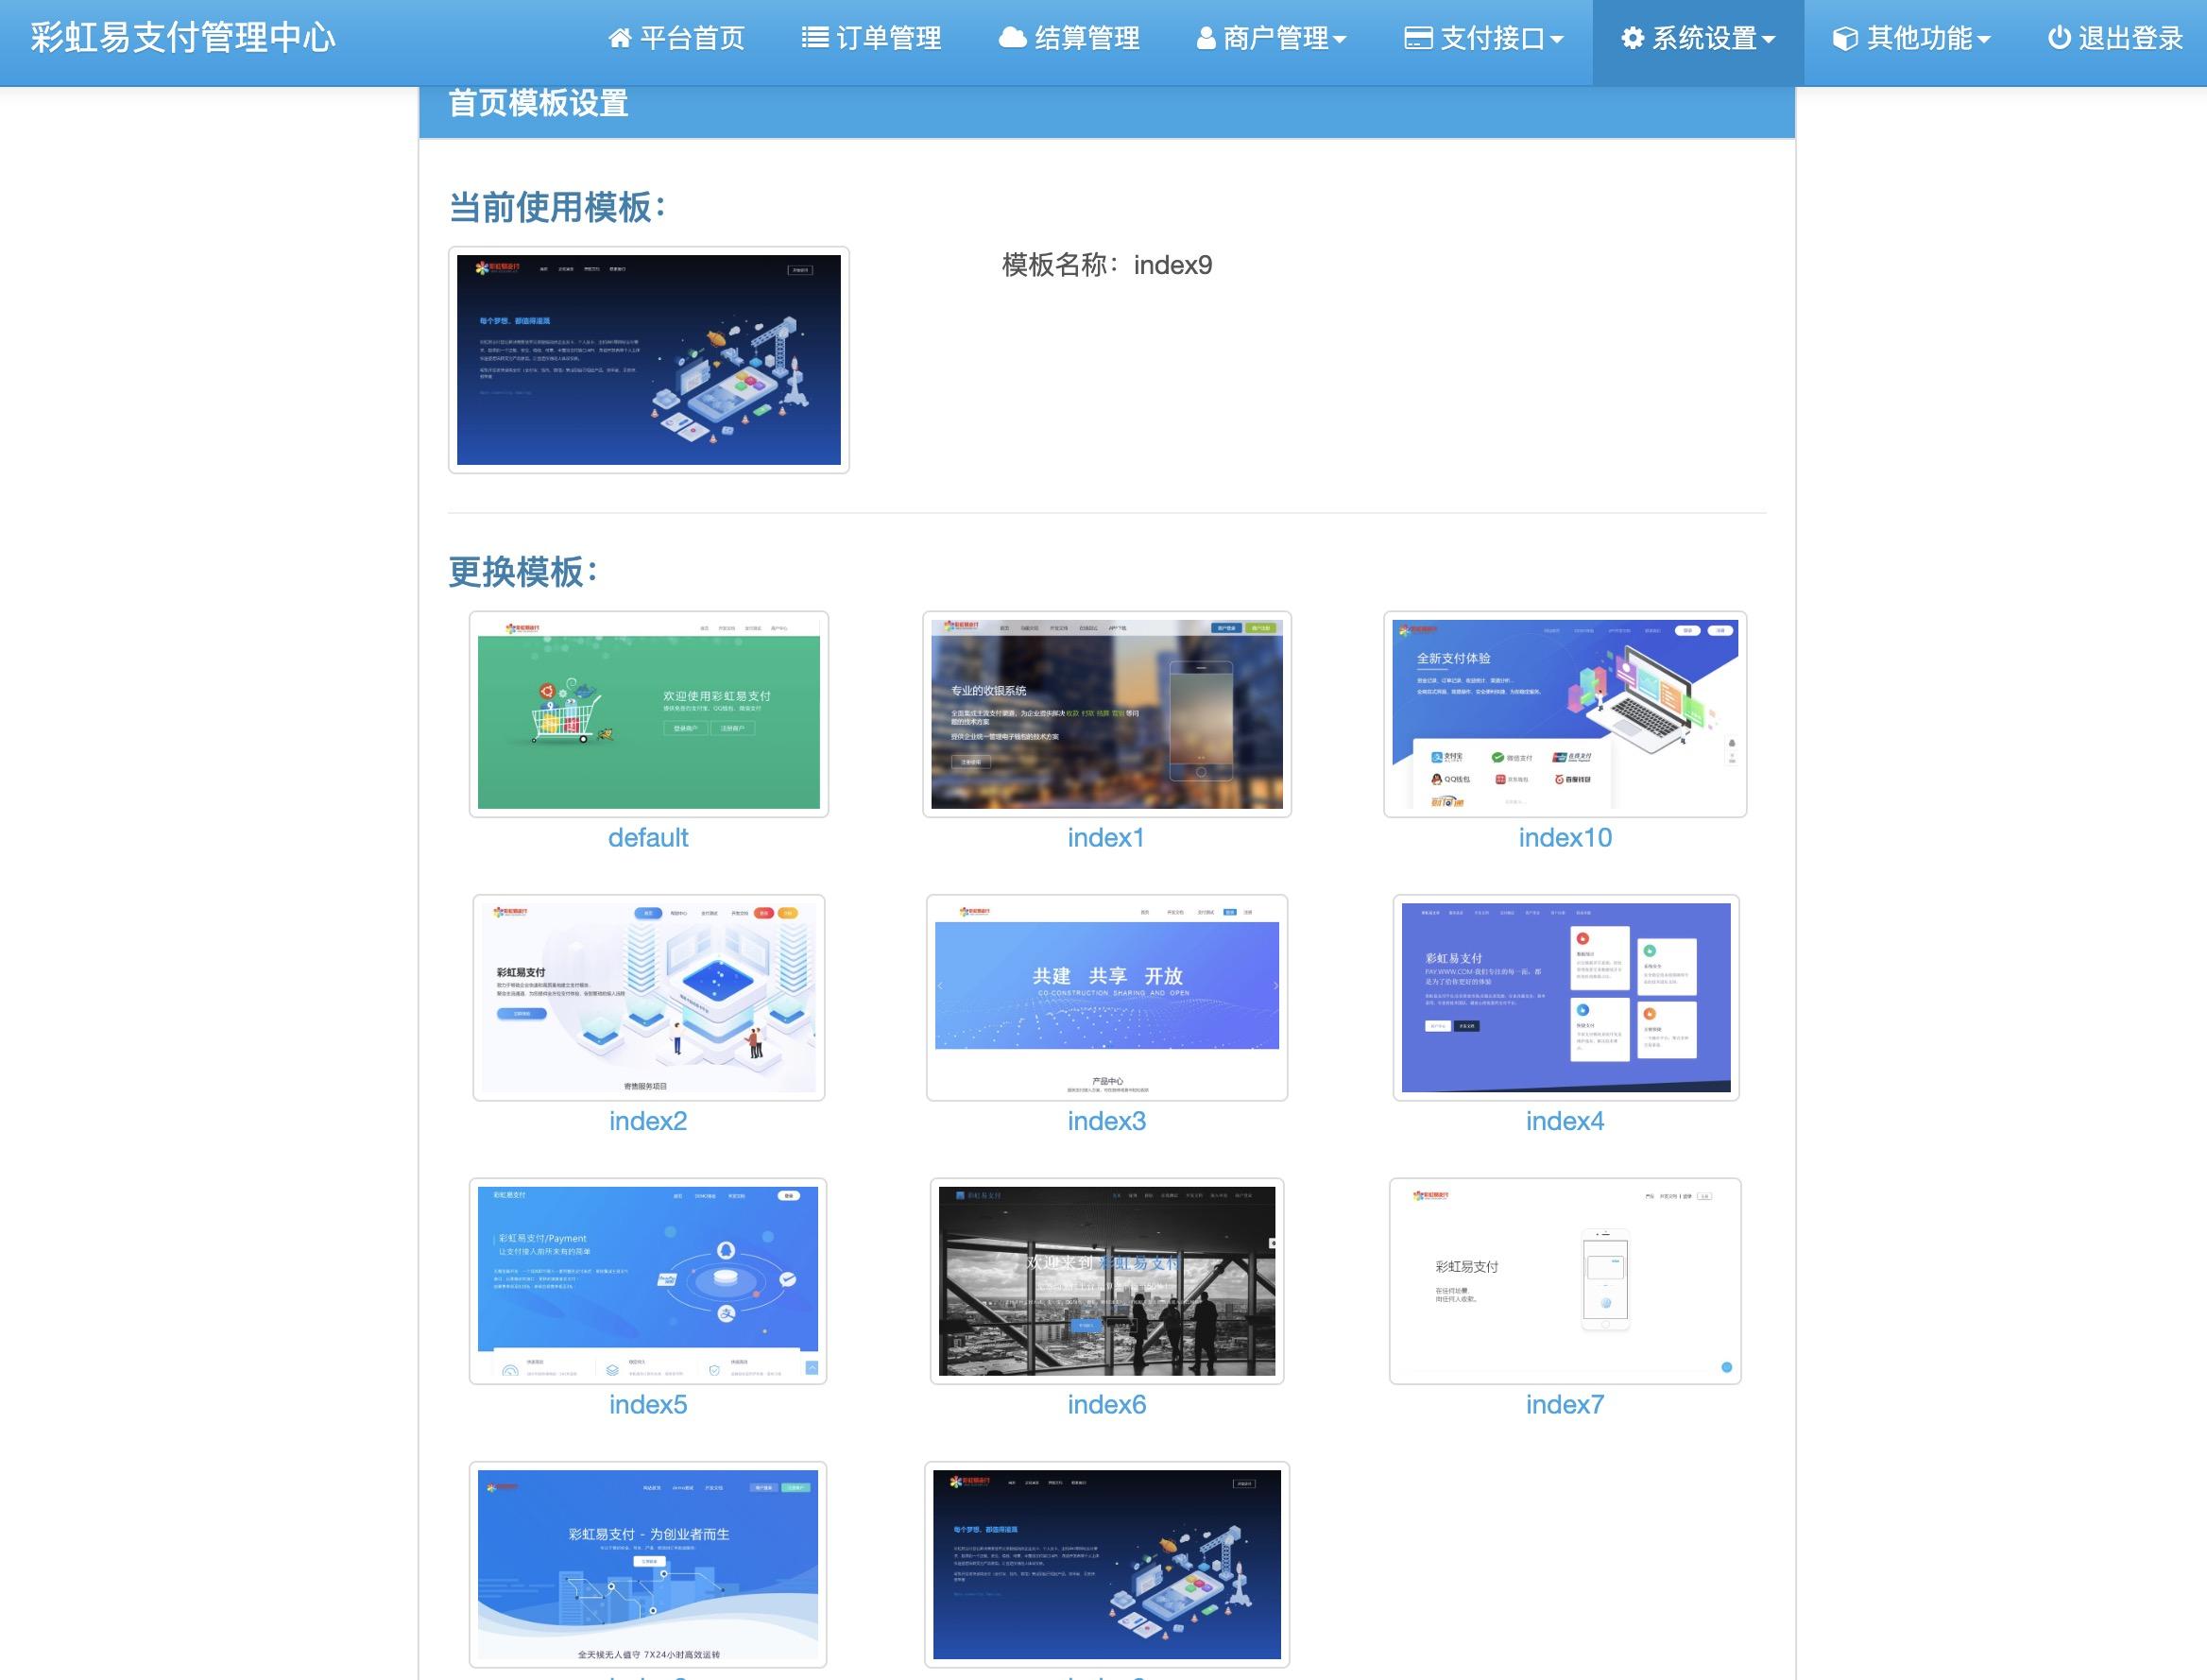 新版彩虹易支付源码2020最新更新11套模版/支持轮训/京东银联